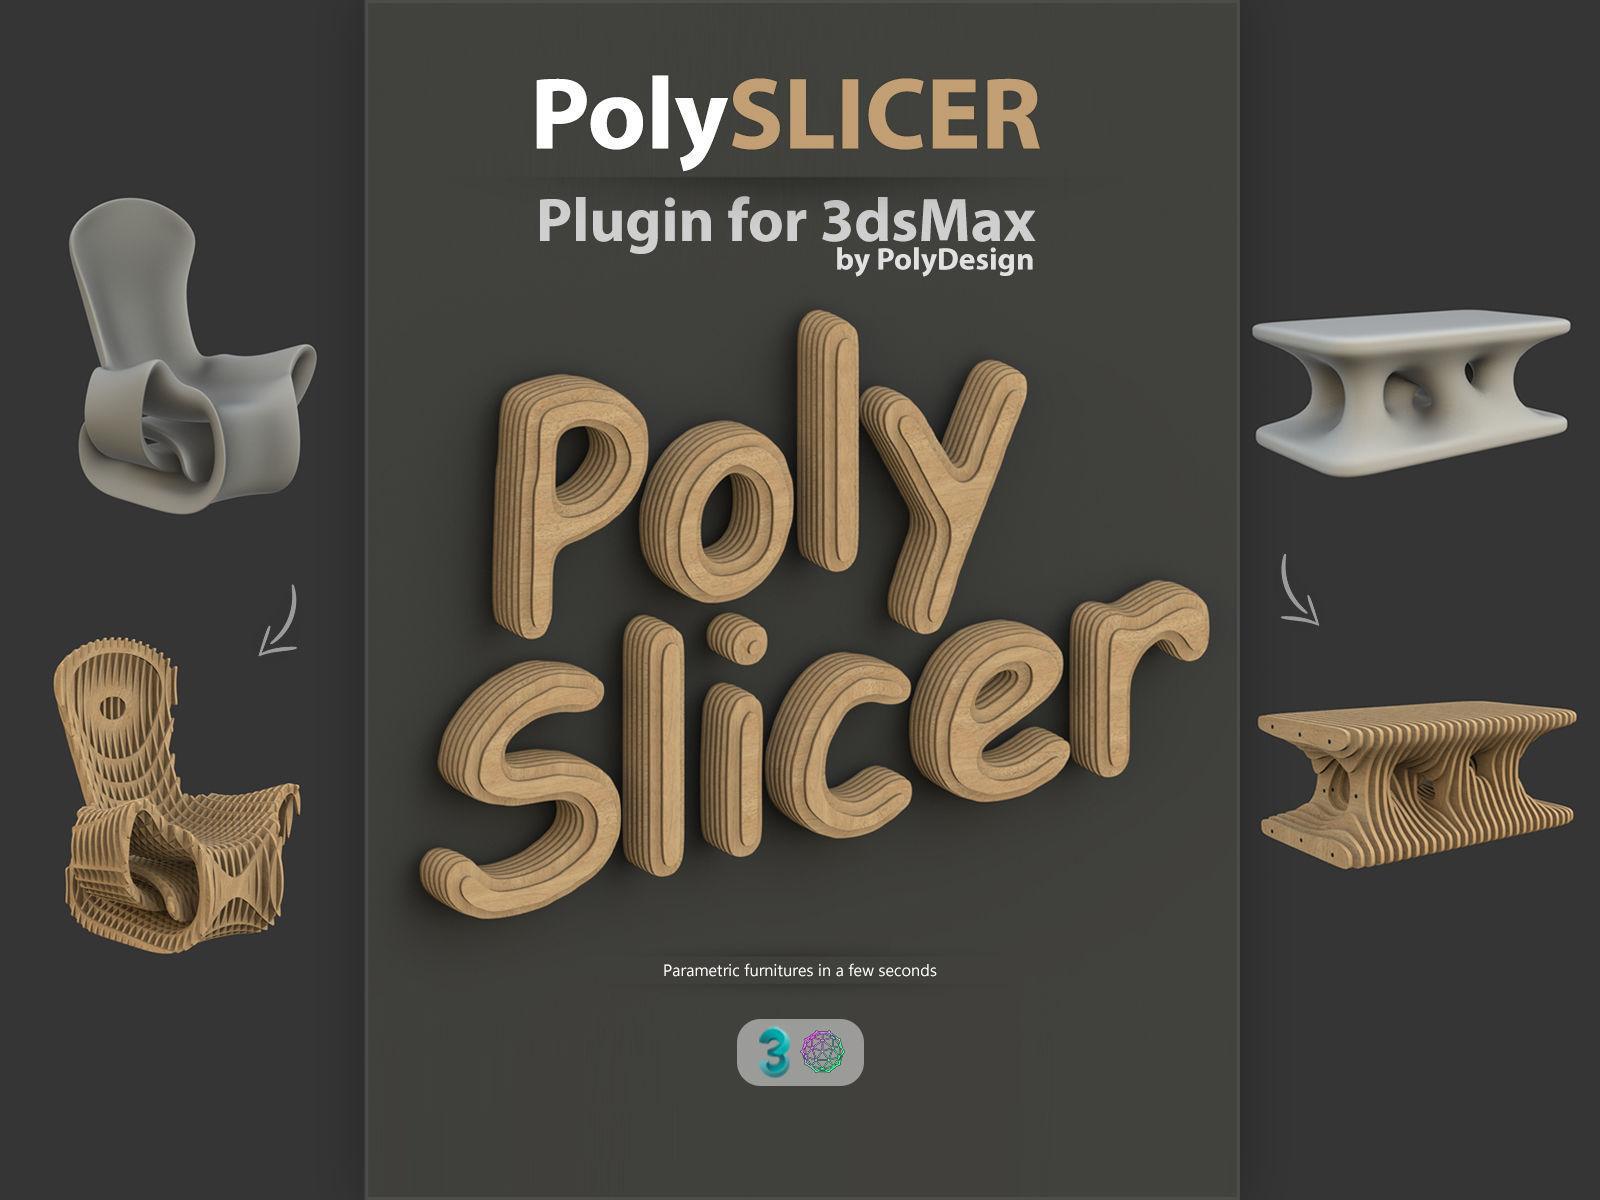 PolySlicer for 3dsMax